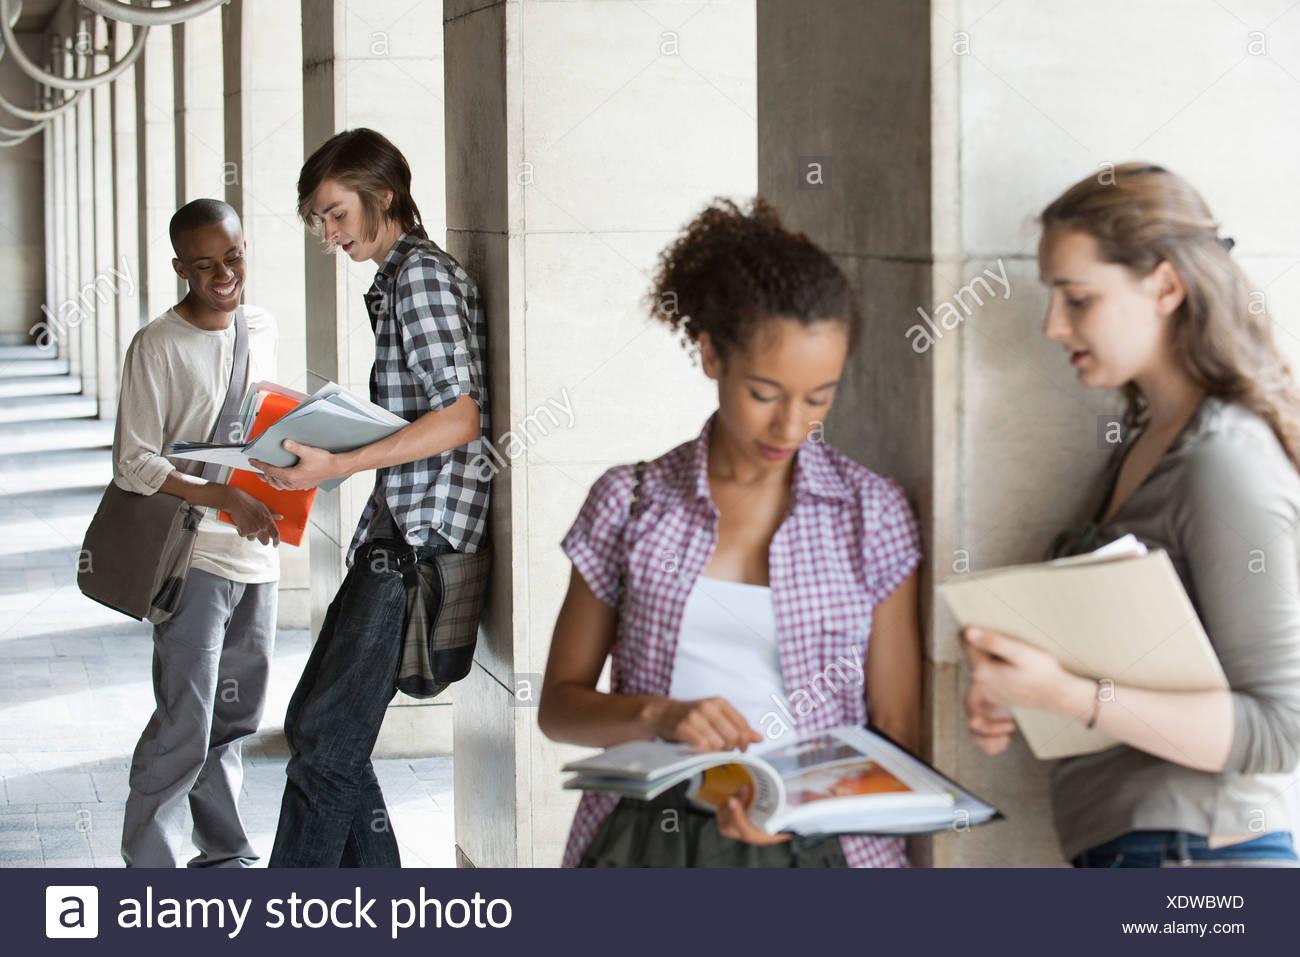 Studierende diskutieren Hausaufgaben, Fokus auf Männer im Hintergrund Stockbild